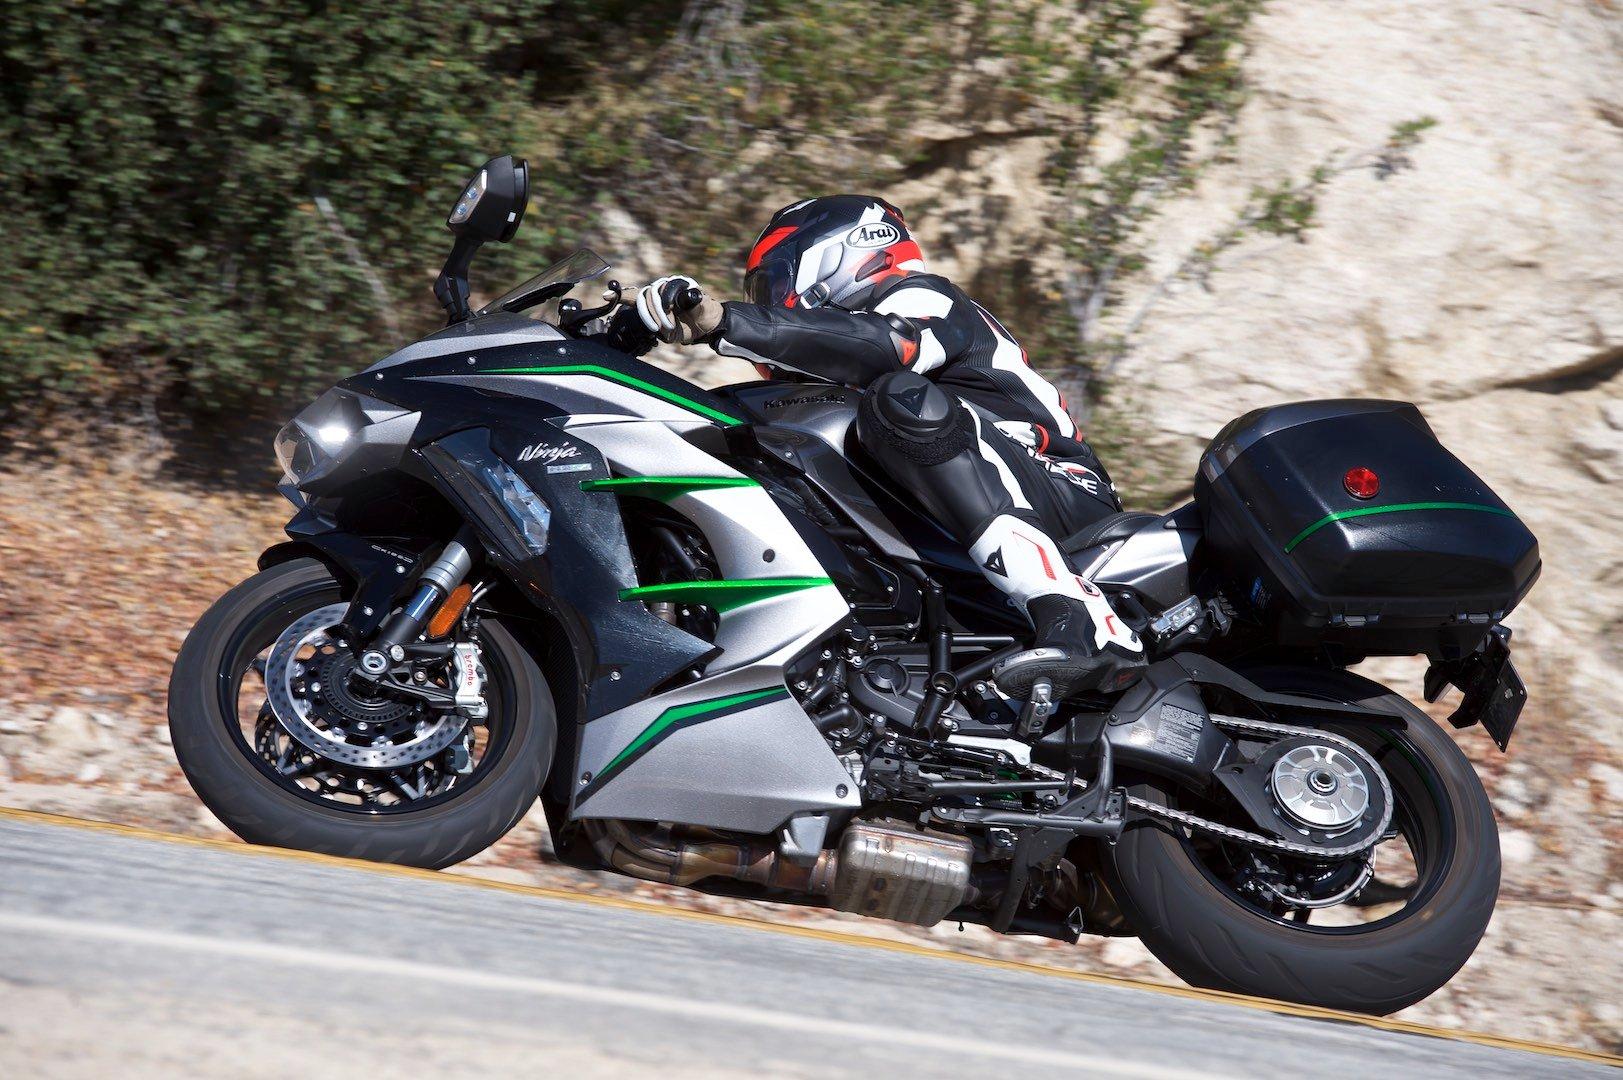 Kawasaki H2 SX SE+ horsepower